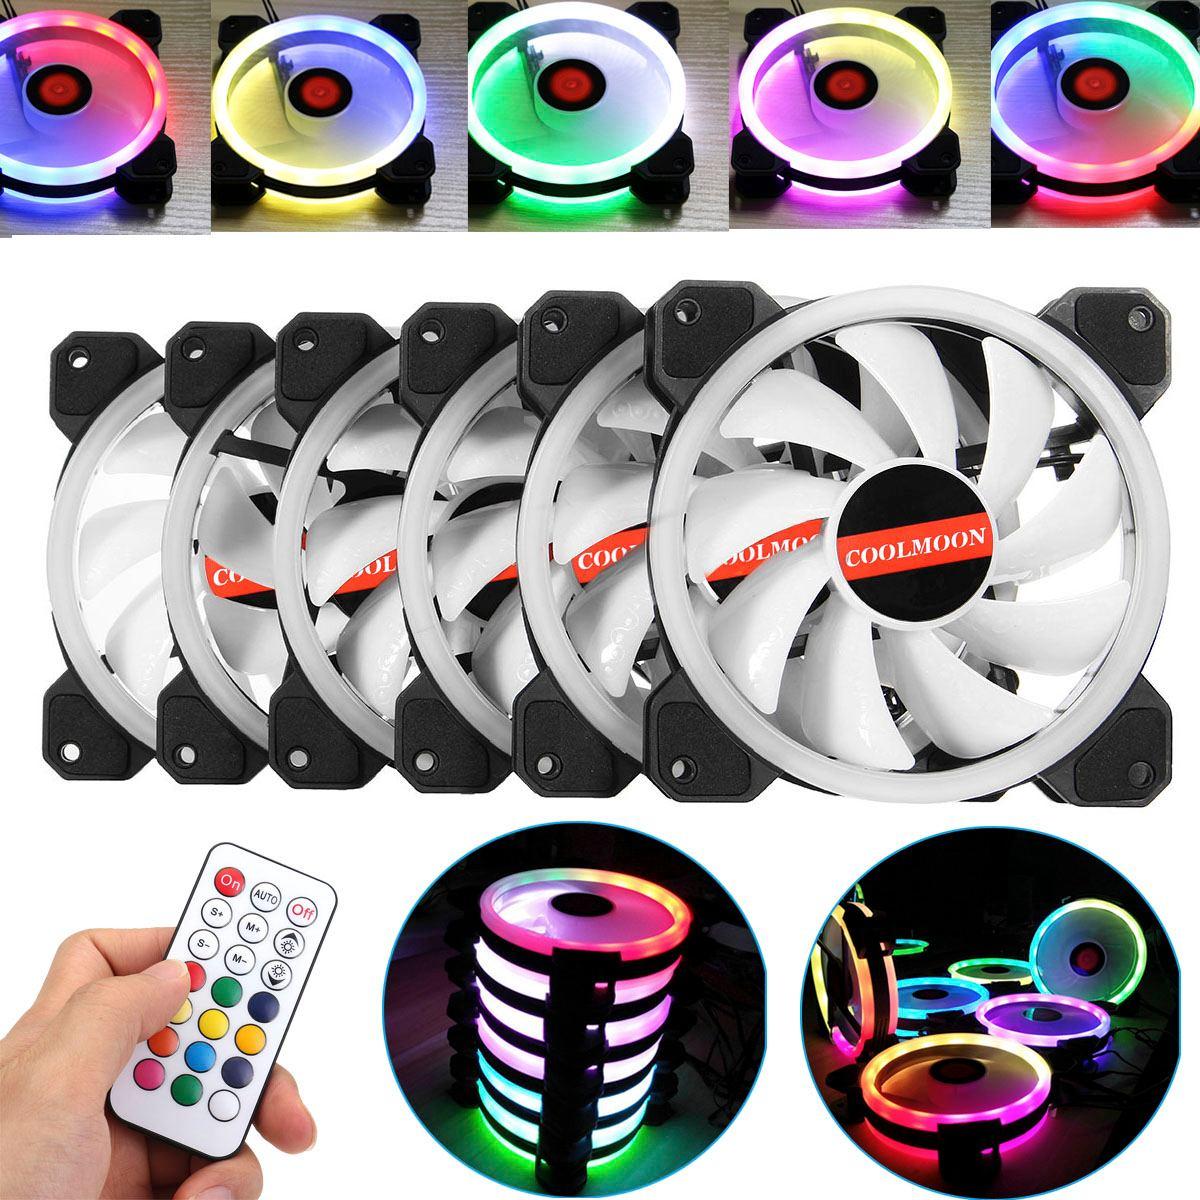 6 pièces coque d'ordinateur PC ventilateur de refroidissement RGB ventilateur de refroidissement ajuster LED 120mm silencieux IR à distance ordinateur refroidisseur refroidissement RGB boîtier ventilateur pour CPU